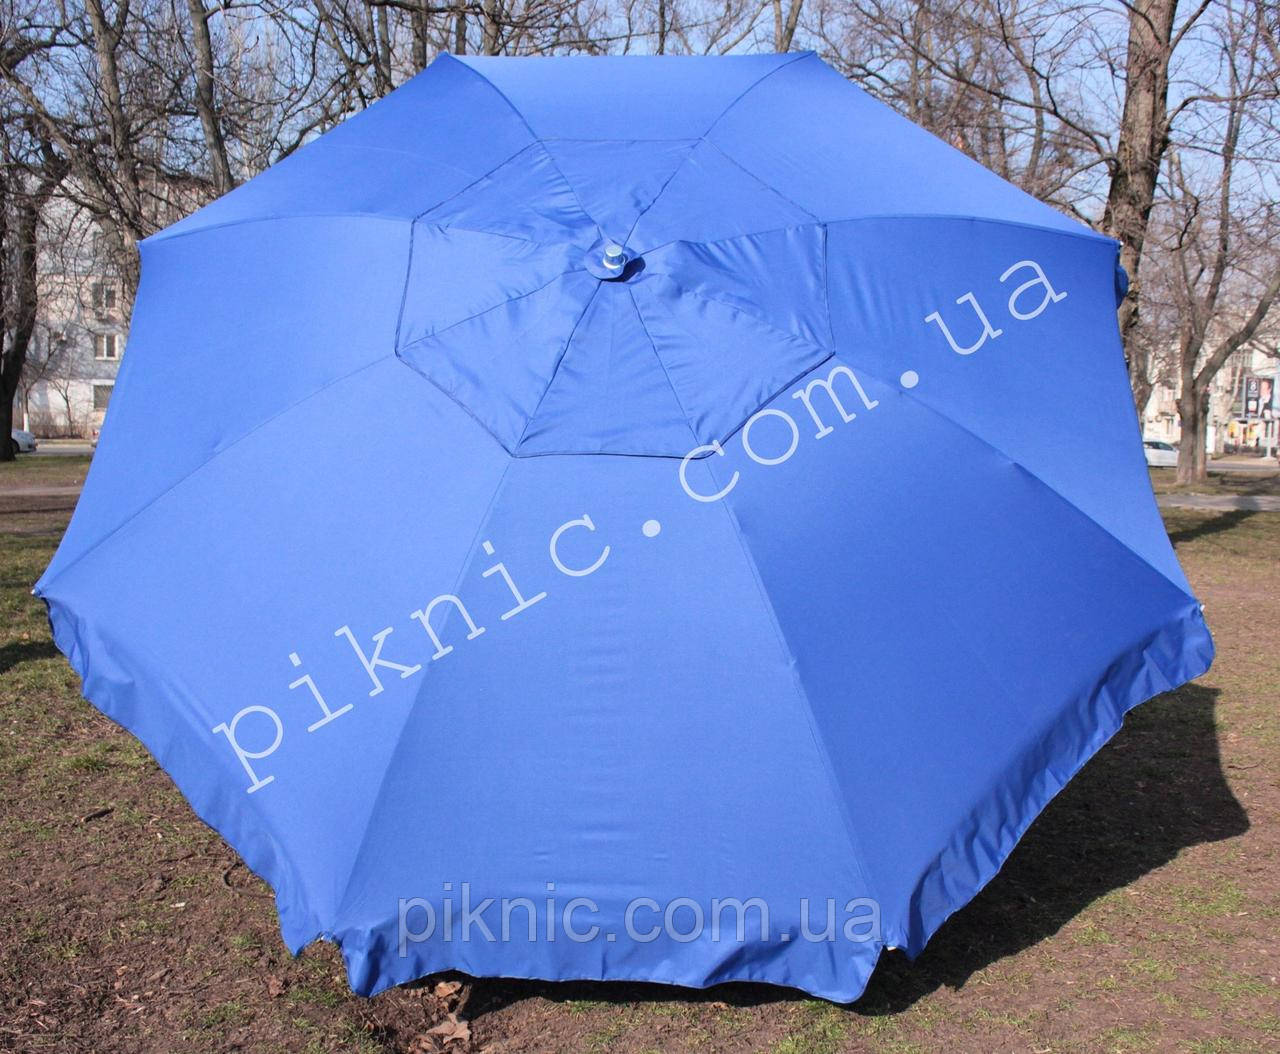 Большой зонт 3,5м торговый, круглый с клапаном. Усиленный, уличный. Плотная ткань. Зонт для торговли на улице